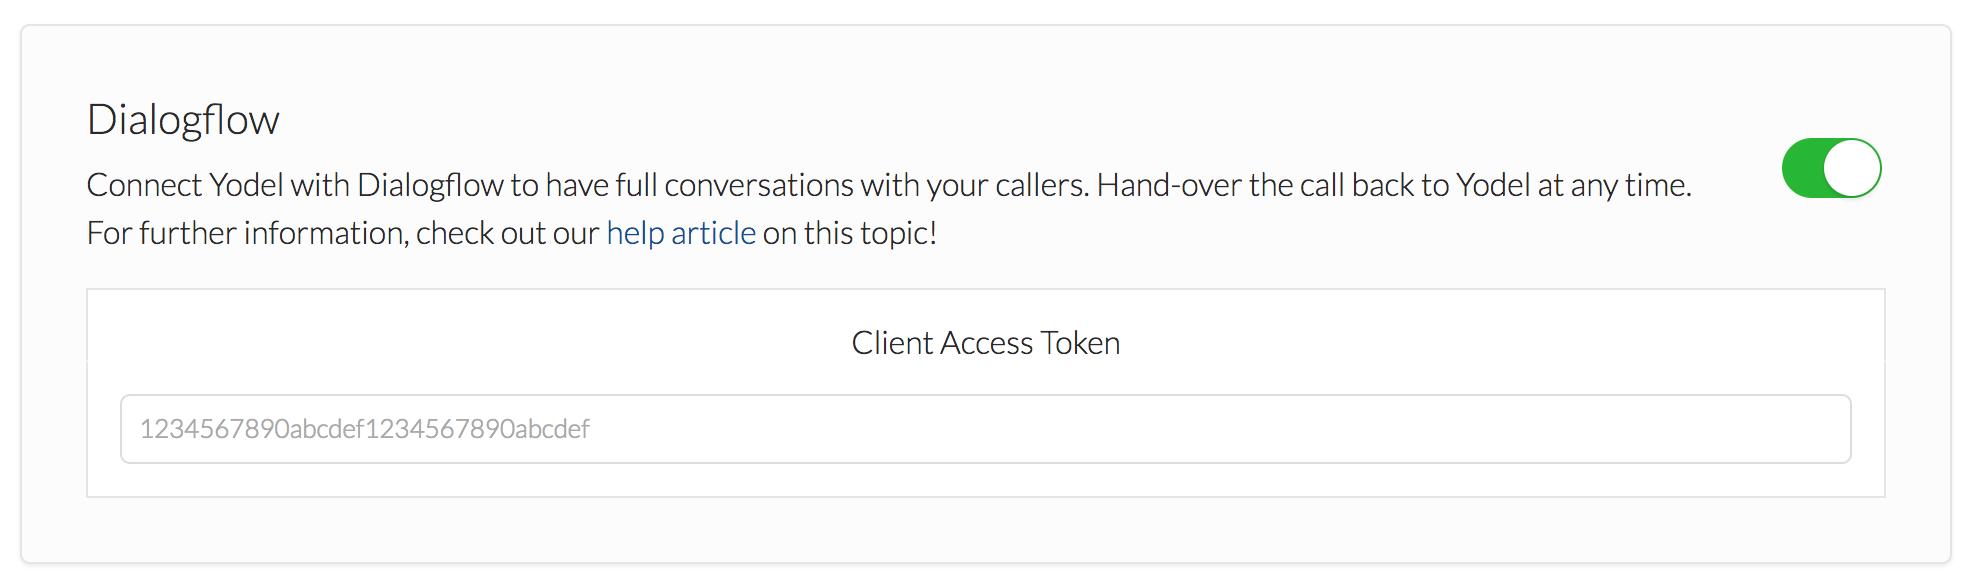 Yodel Dialogflow Integration